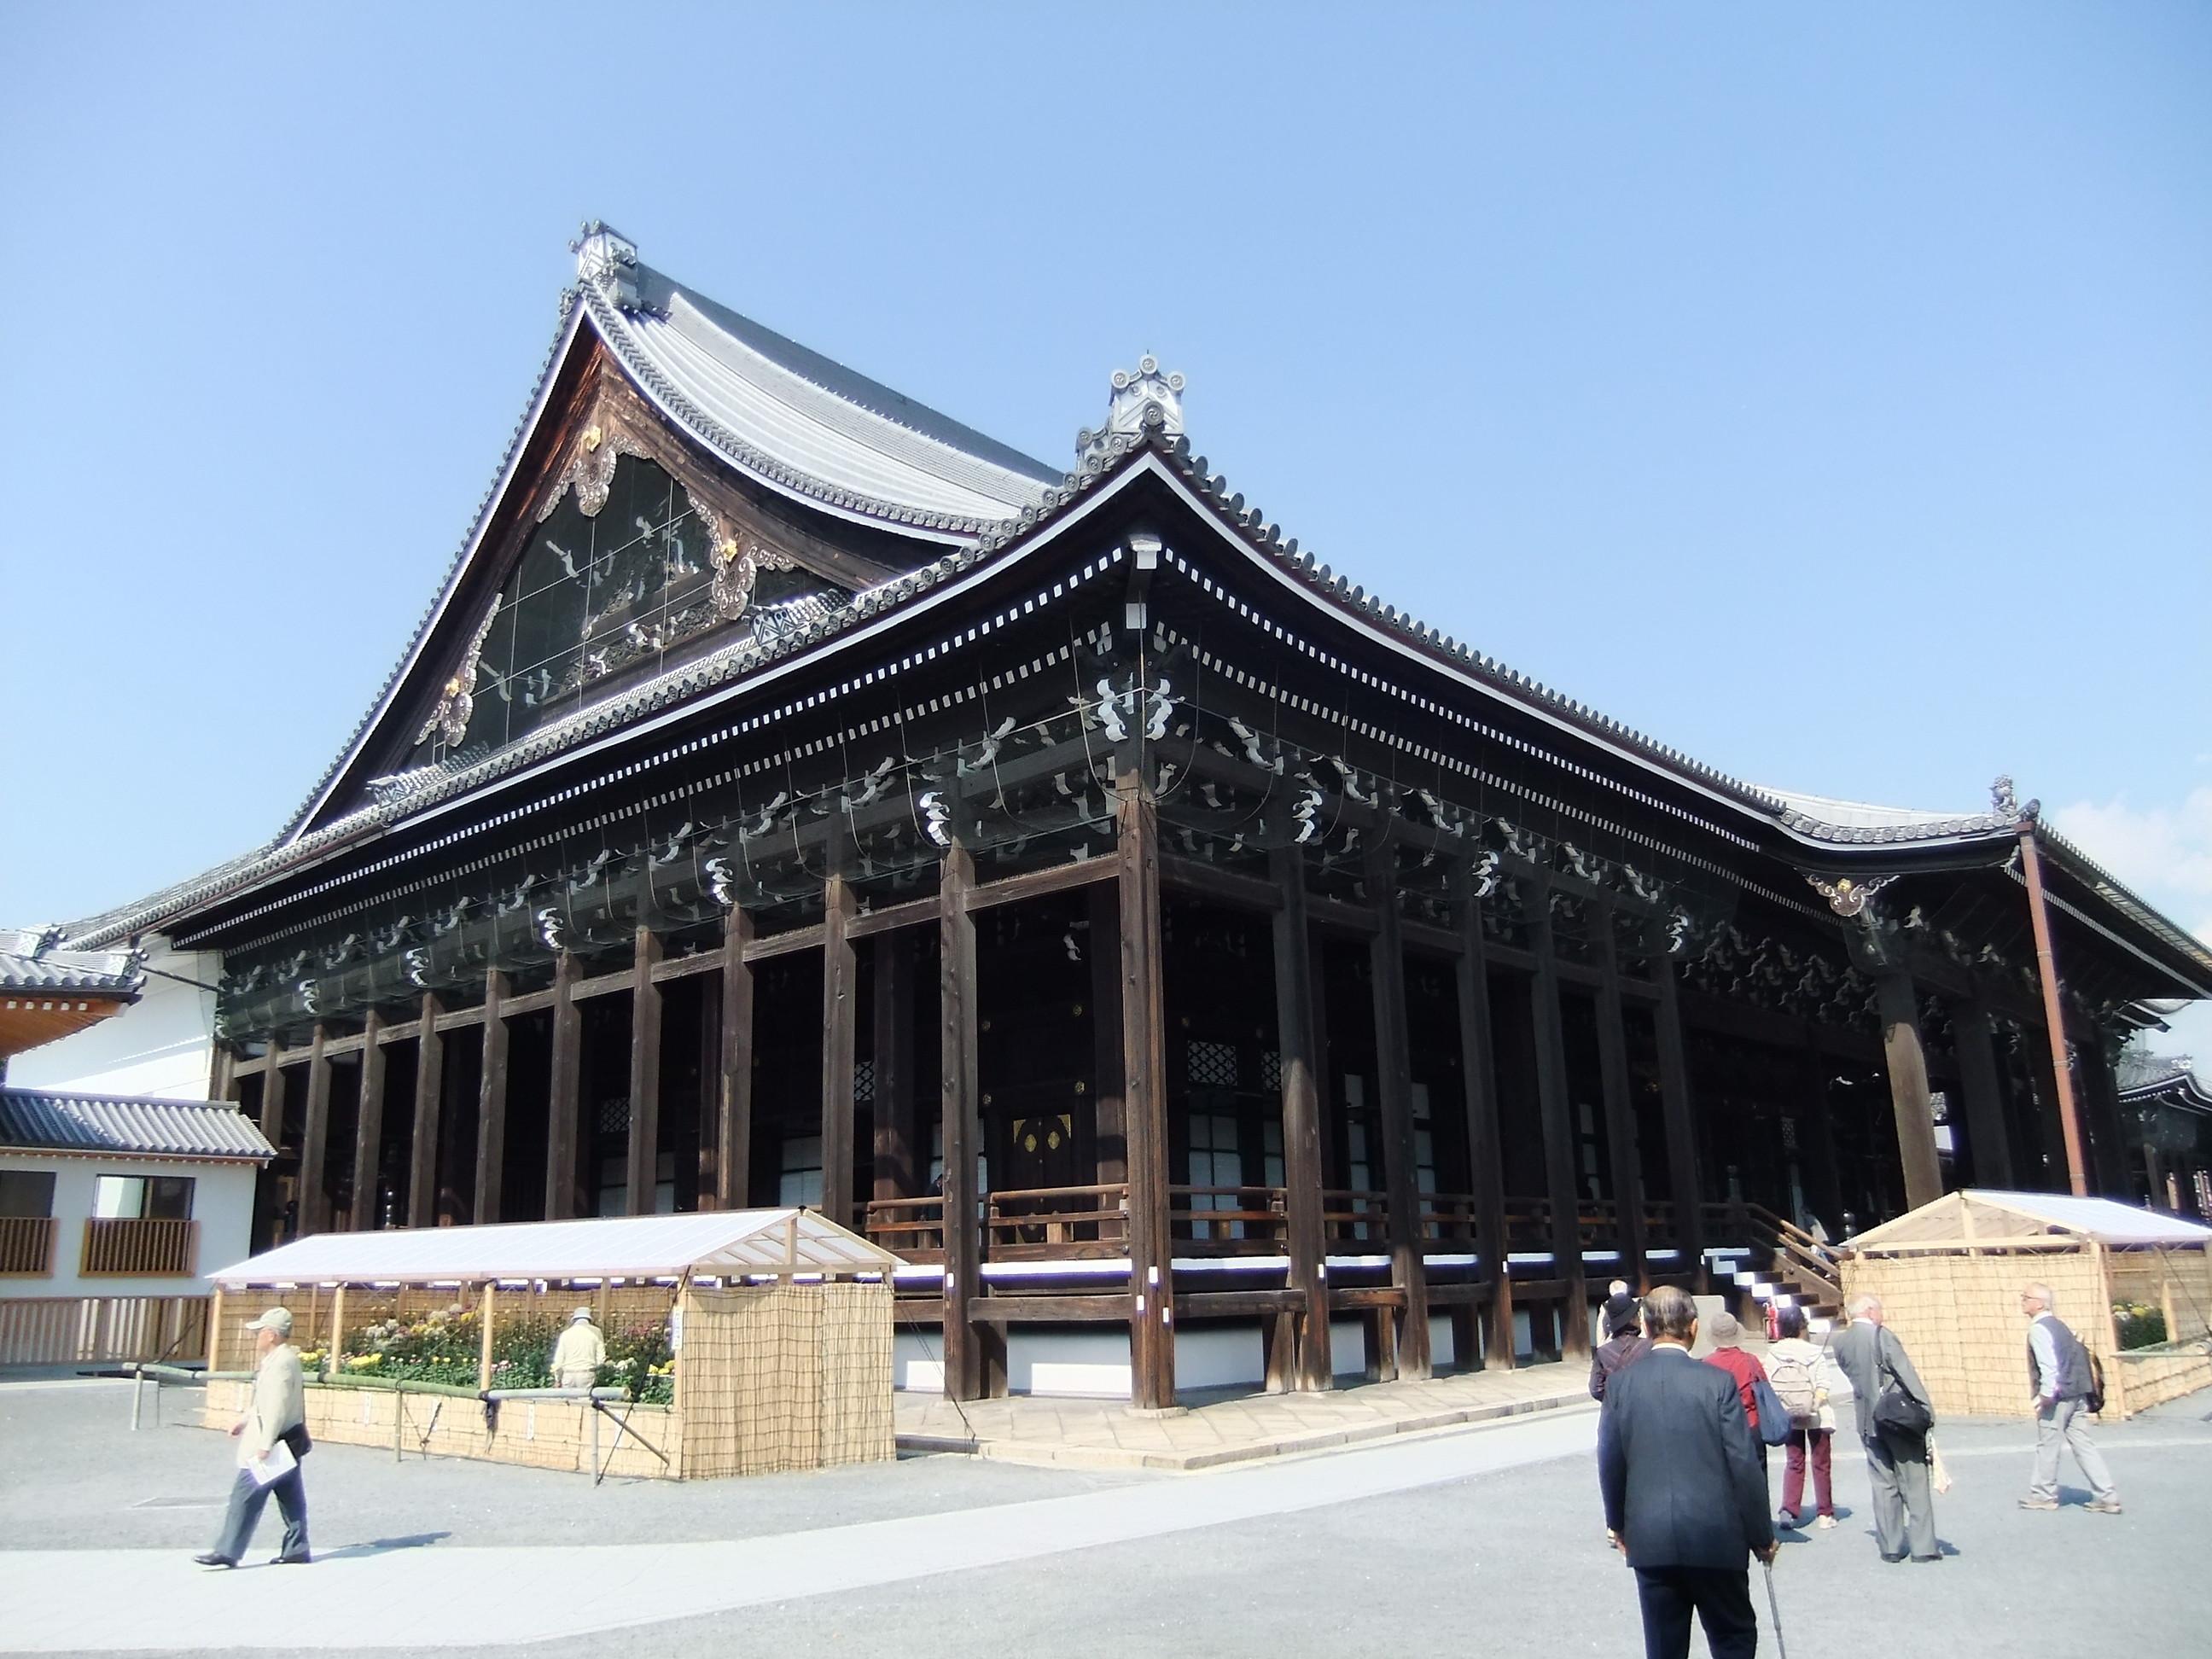 畫像 : 世界文化遺産 京都 西本願寺の風景畫像と動畫とまとめ ...